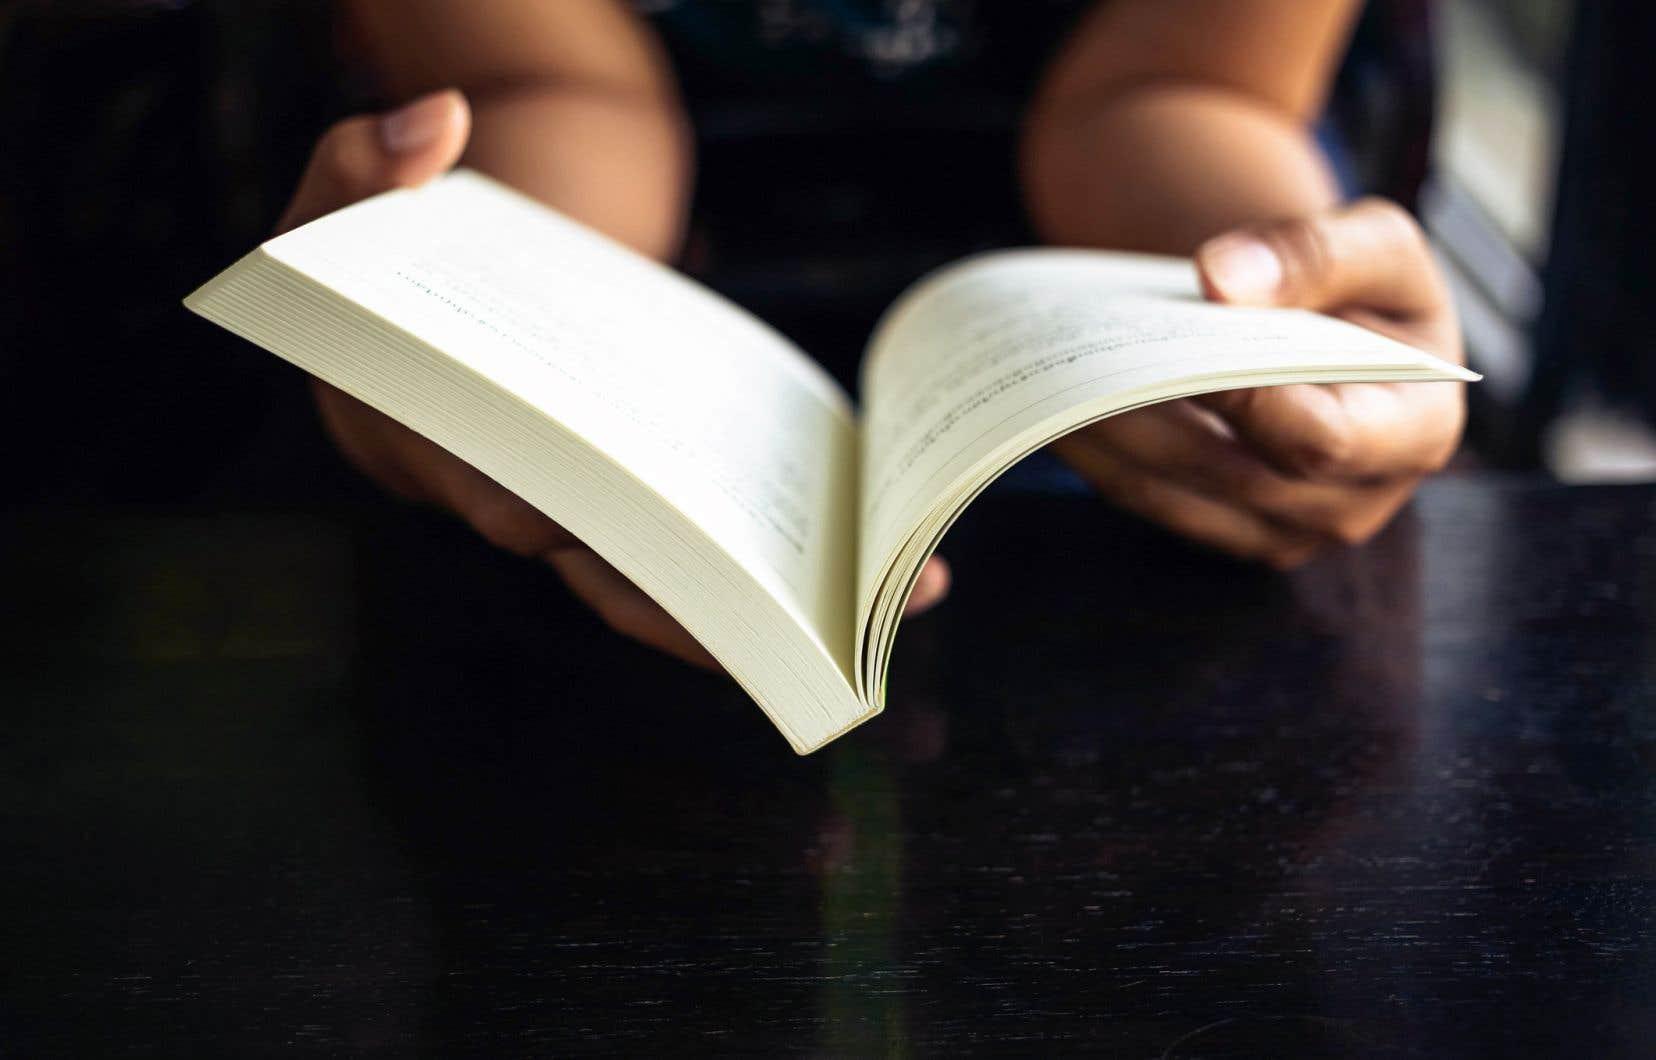 Depuis le printemps, un nouveau groupe de soutien a été créé, de façon privée, pour permettre aux victimes de faire connaître les abus qu'elles ont subis dans le monde littéraire.